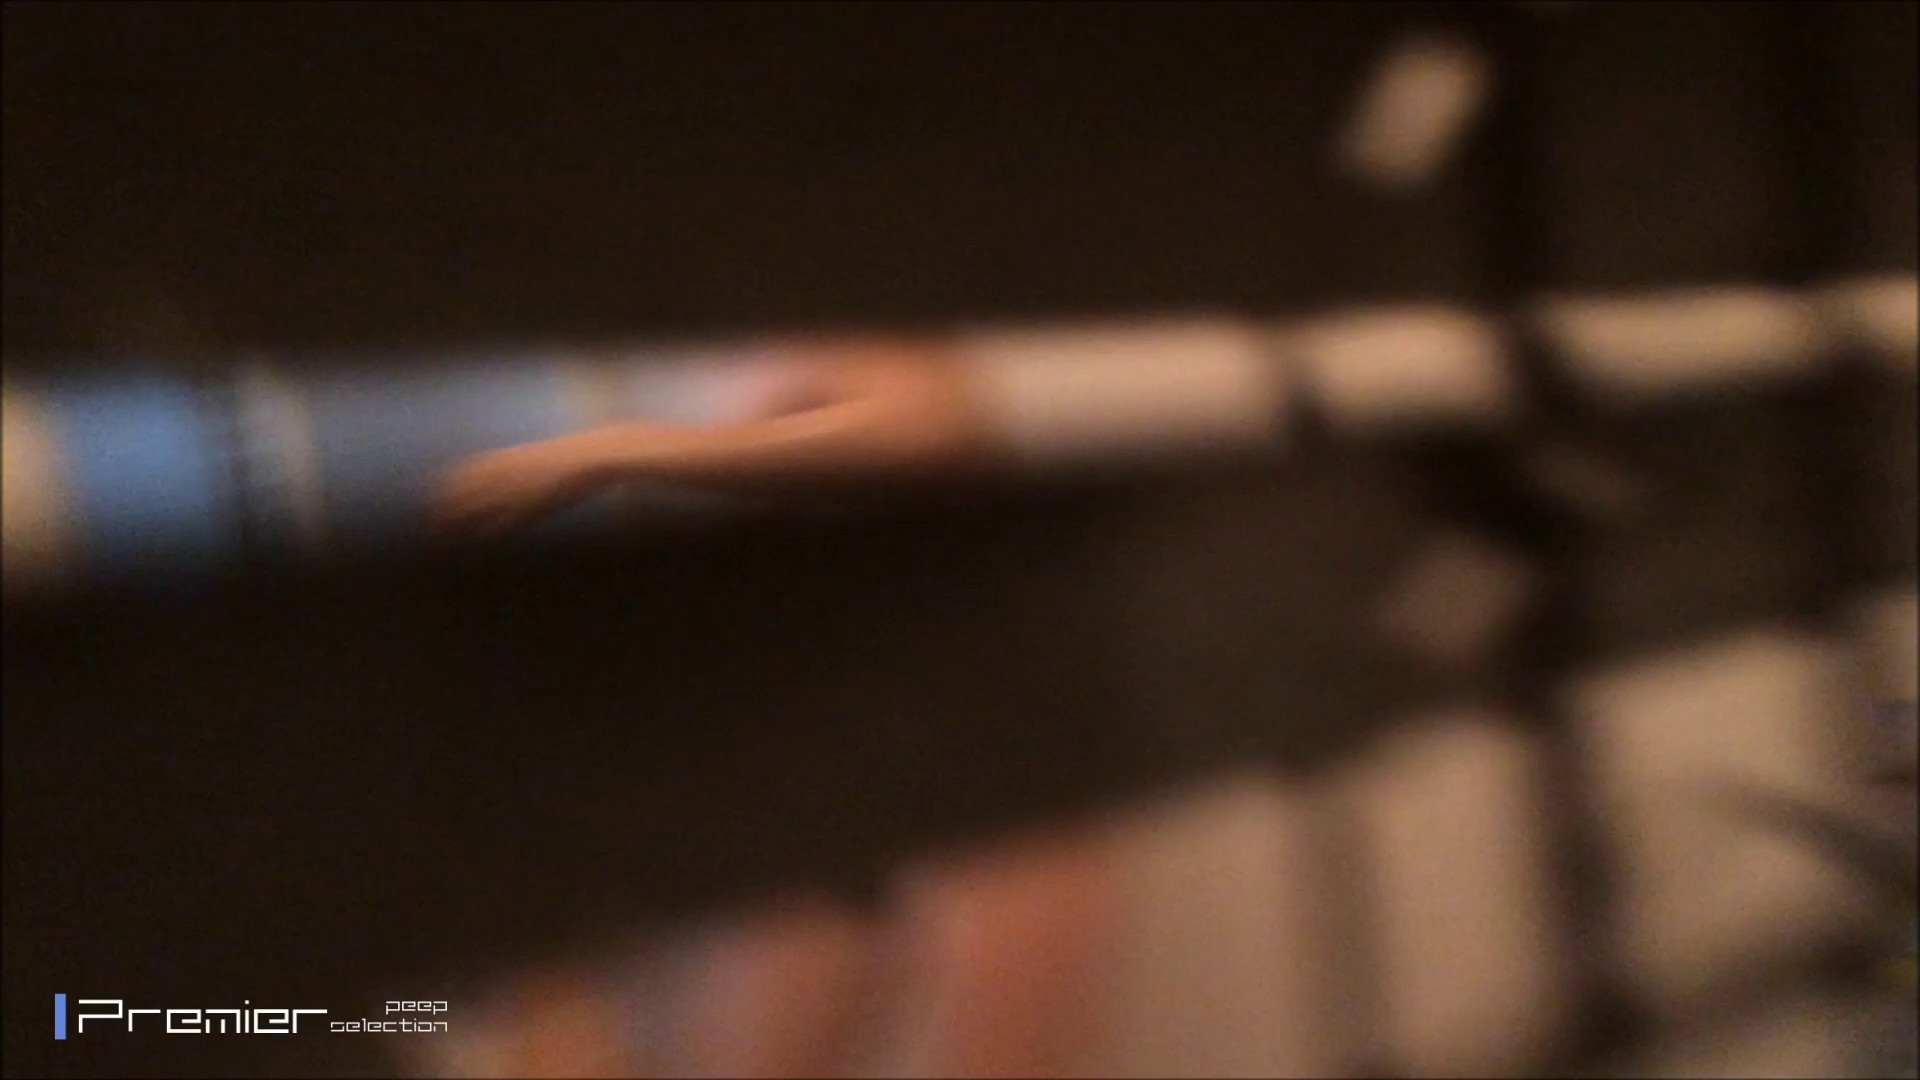 高画質フルハイビジョン スレンダー美女の入浴 乙女の風呂場 Vol.04 OLハメ撮り  94Pix 90